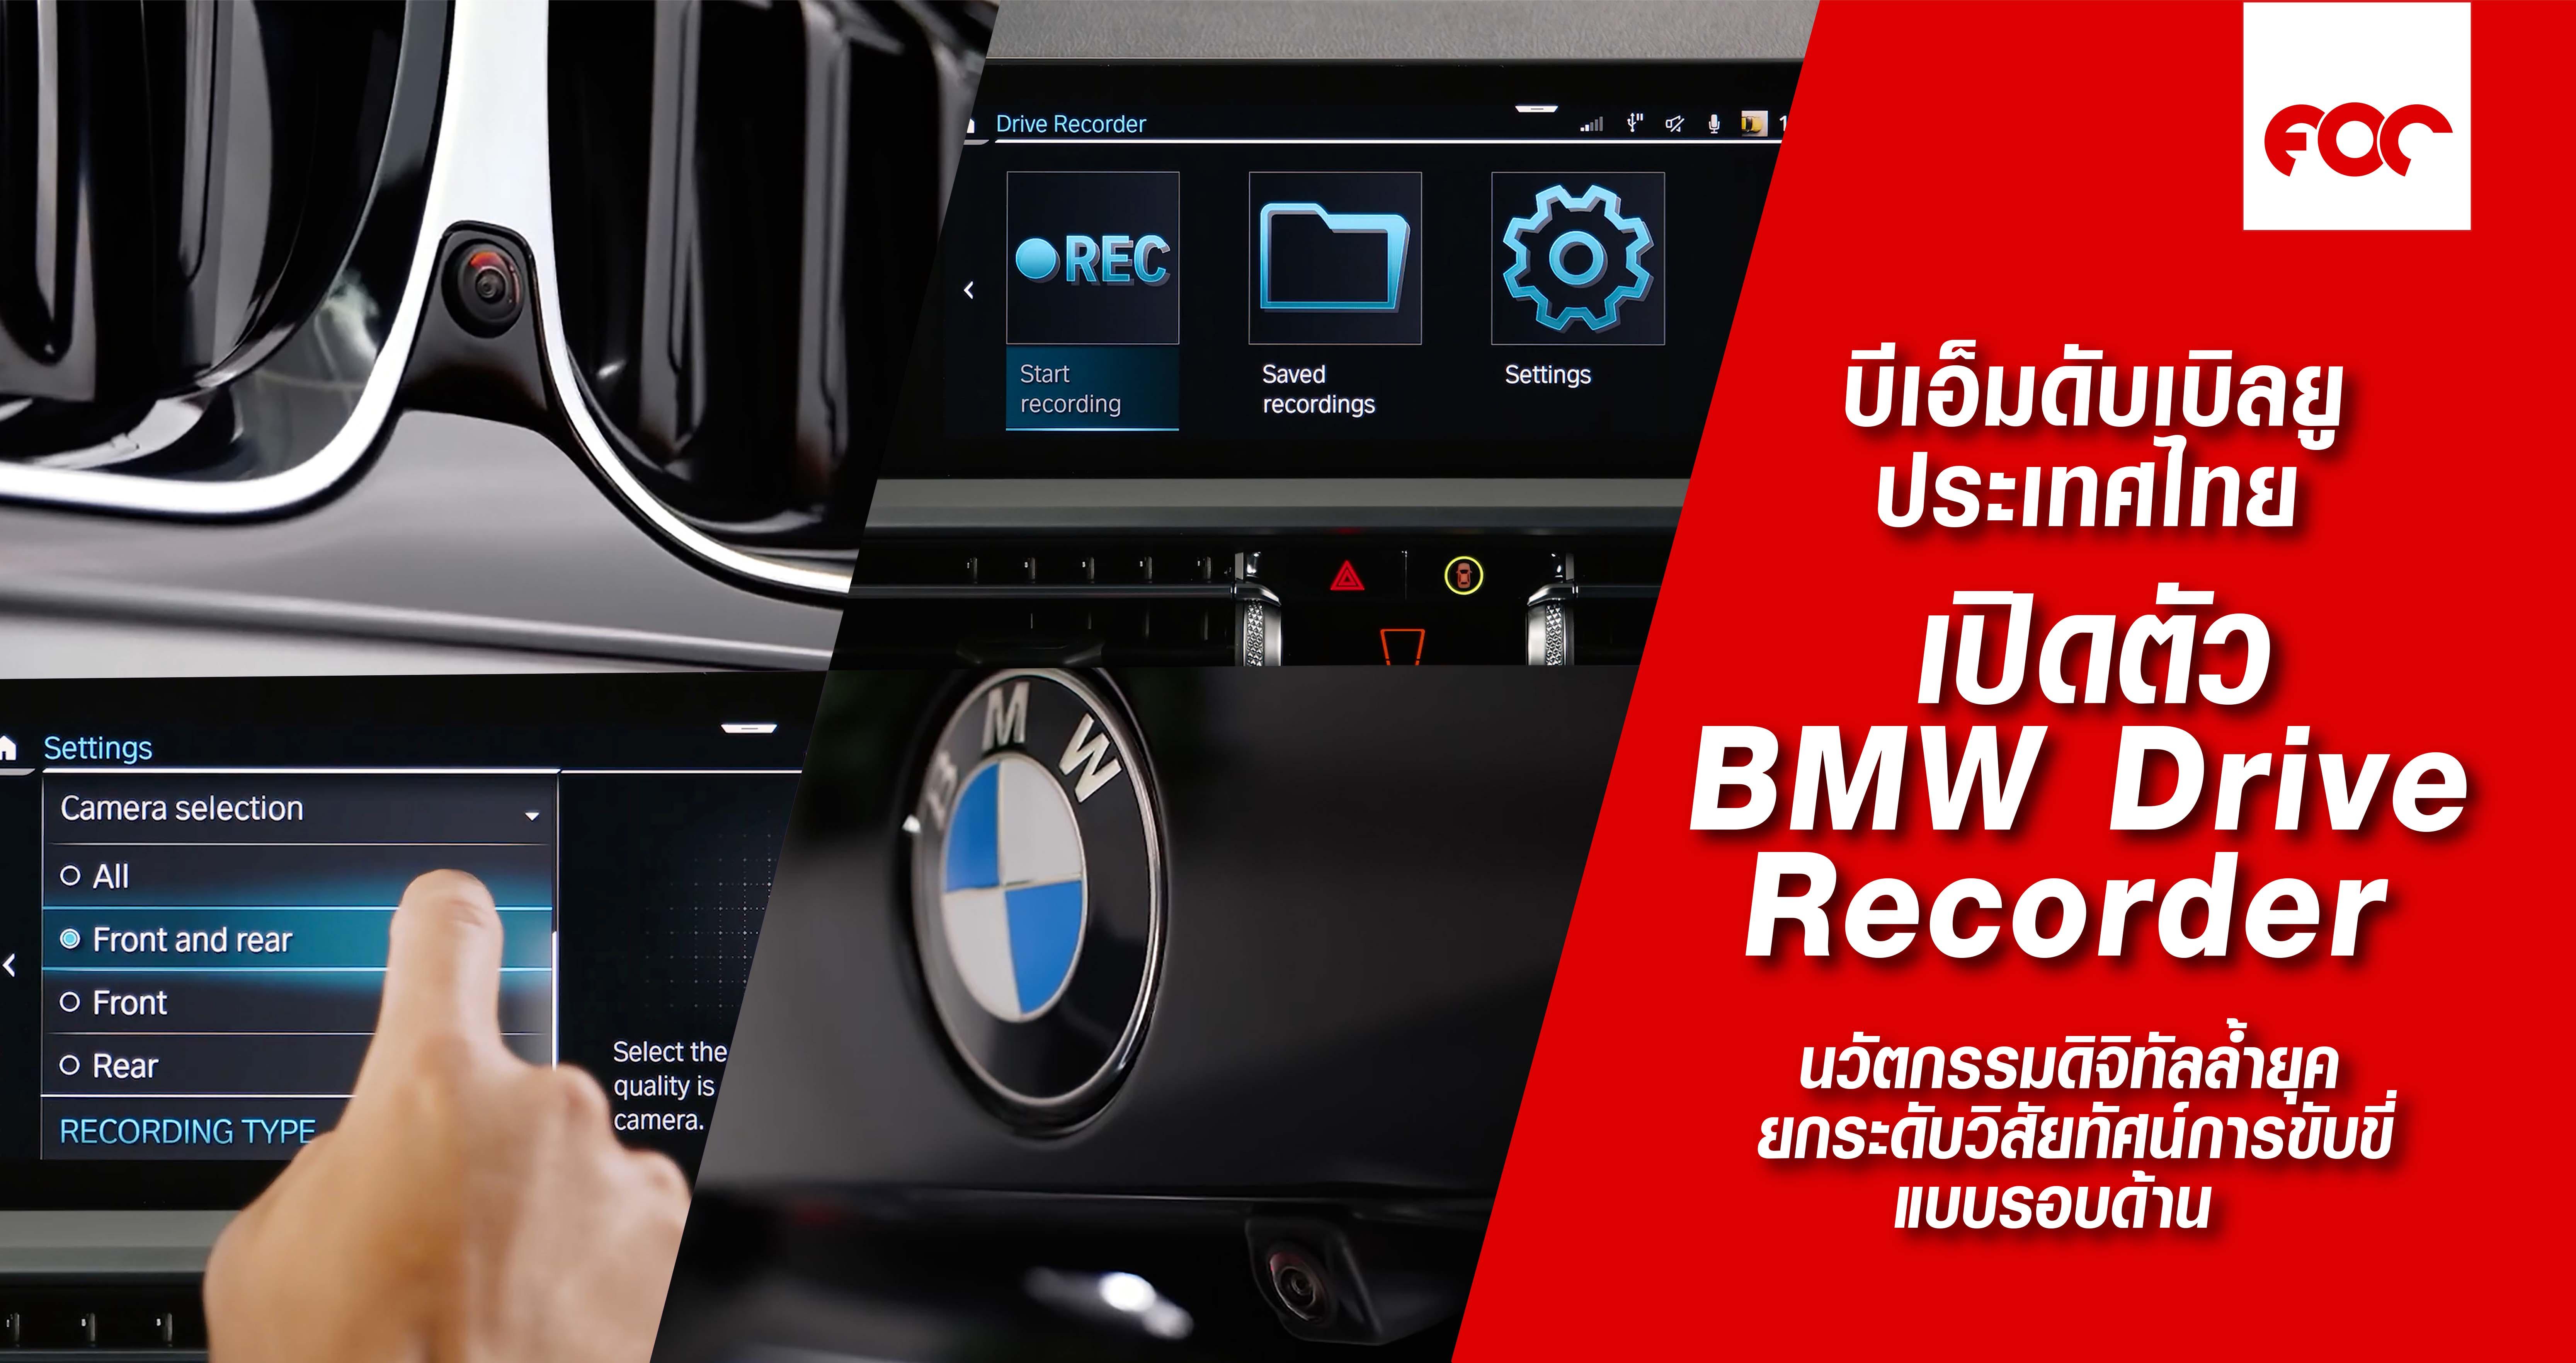 บีเอ็มดับเบิลยู ประเทศไทย เปิดตัว BMW Drive Recorder ต่อยอดนวัตกรรมดิจิทัลล้ำยุค ยกระดับวิสัยทัศน์การขับขี่แบบรอบด้าน